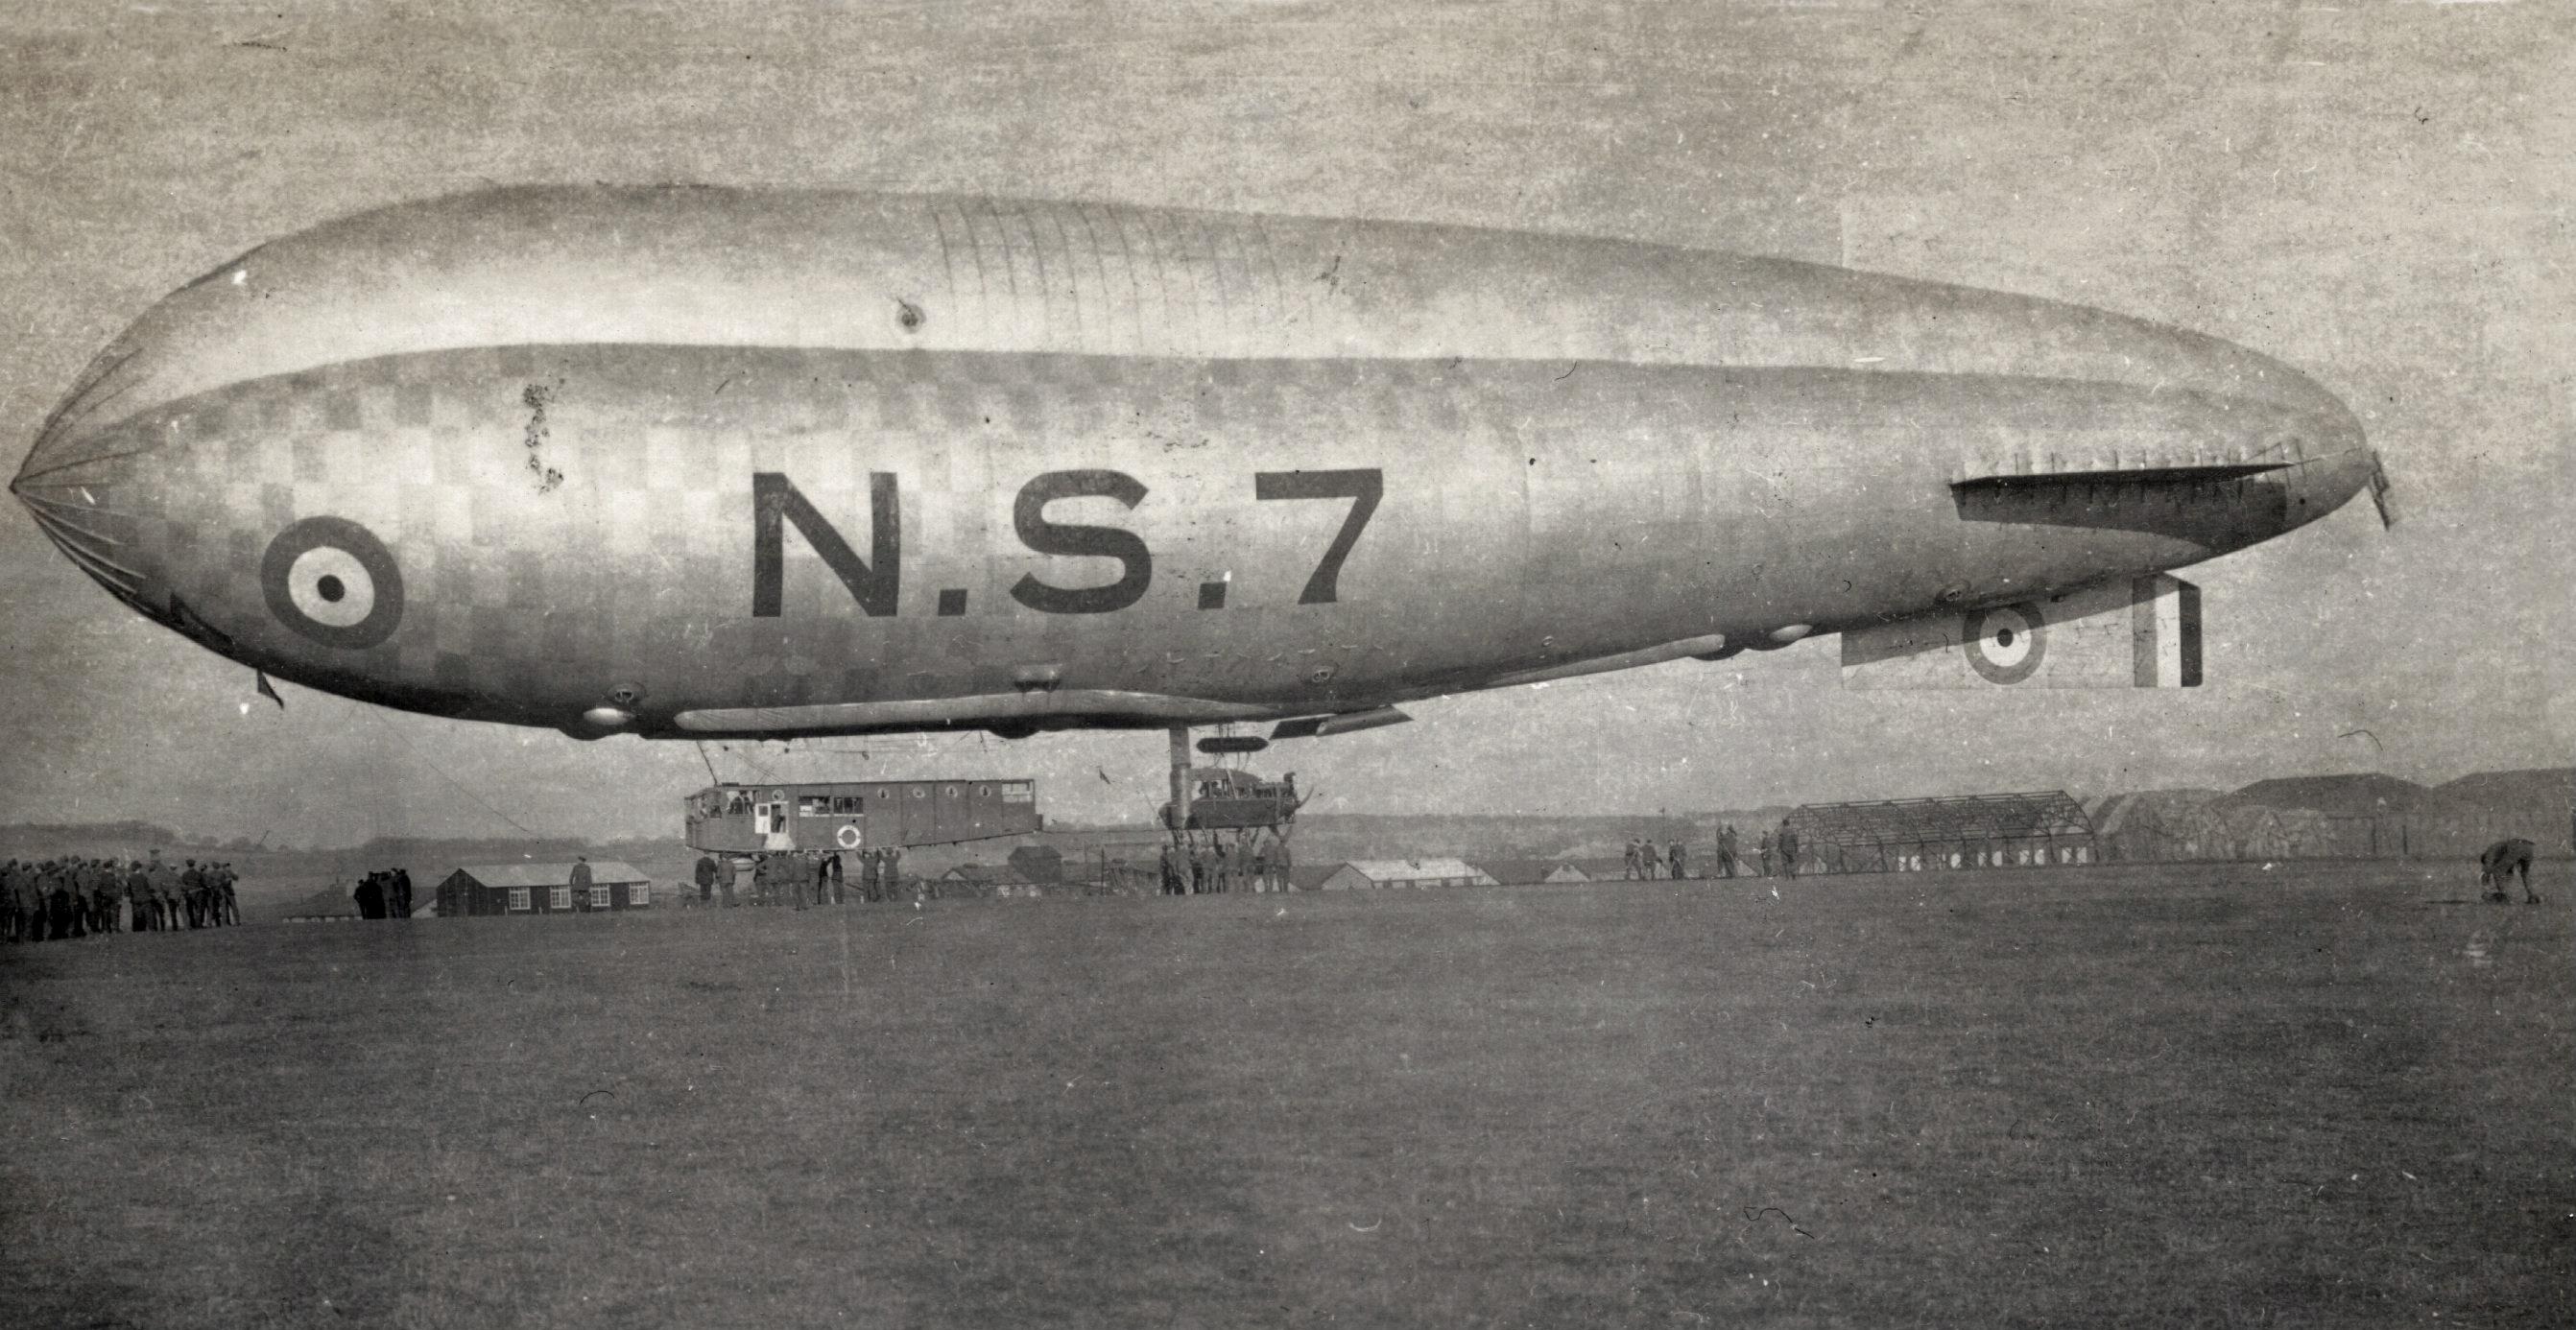 N.S.7